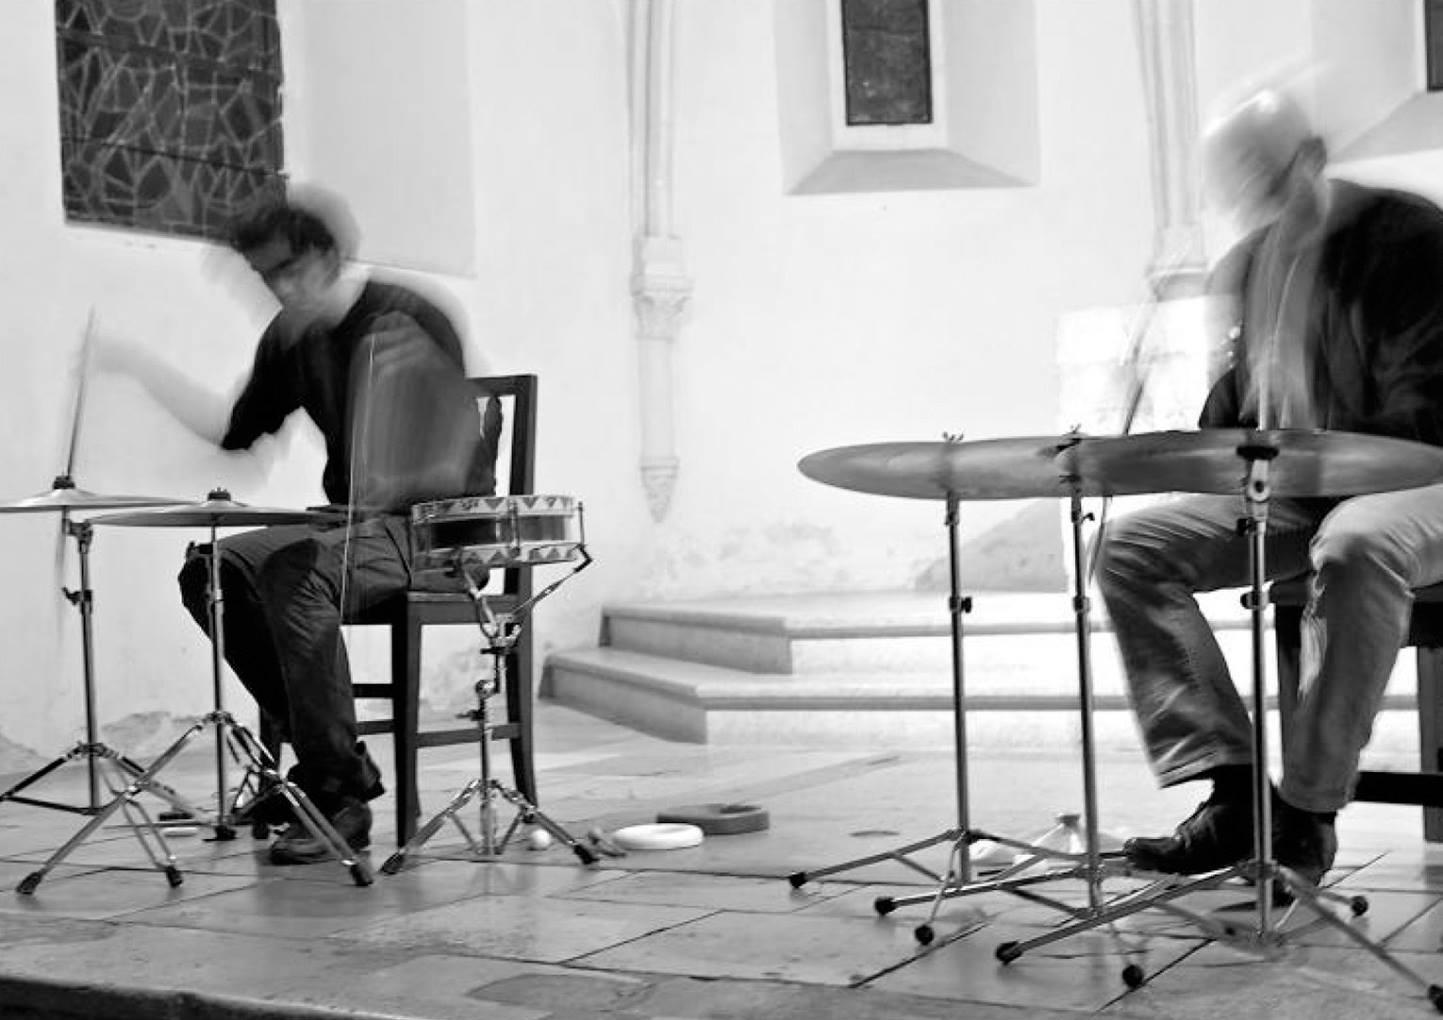 CHRISTIAN WOLFARTH & ENRICO MALATESTA | 18.02.2014